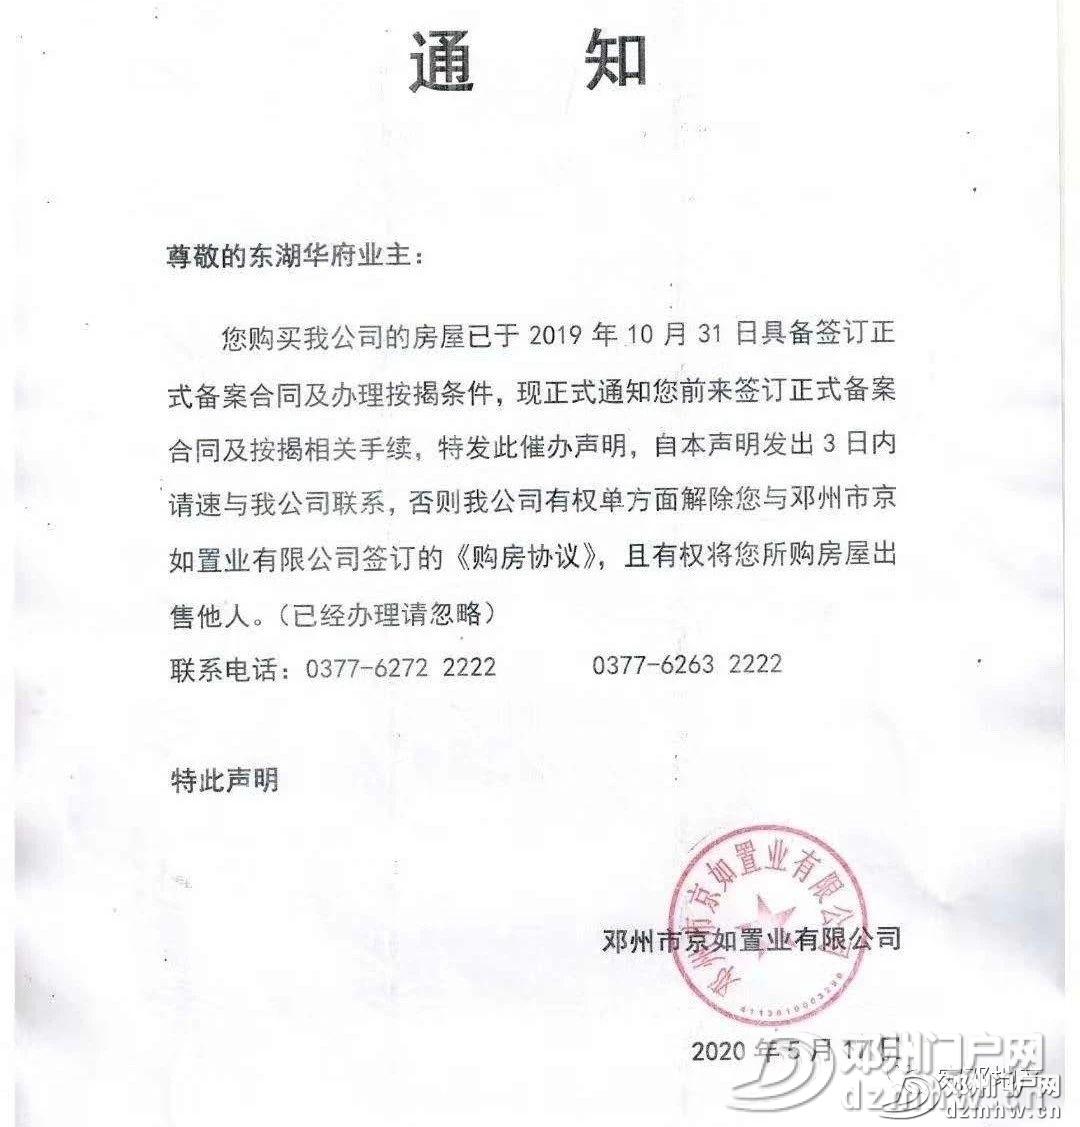 邓州某开发商发布紧急通知不看后果很严重,那你怎么看 - 邓州门户网 邓州网 - 46866c8e2ca78c67f5c71db90d9130d9.jpg